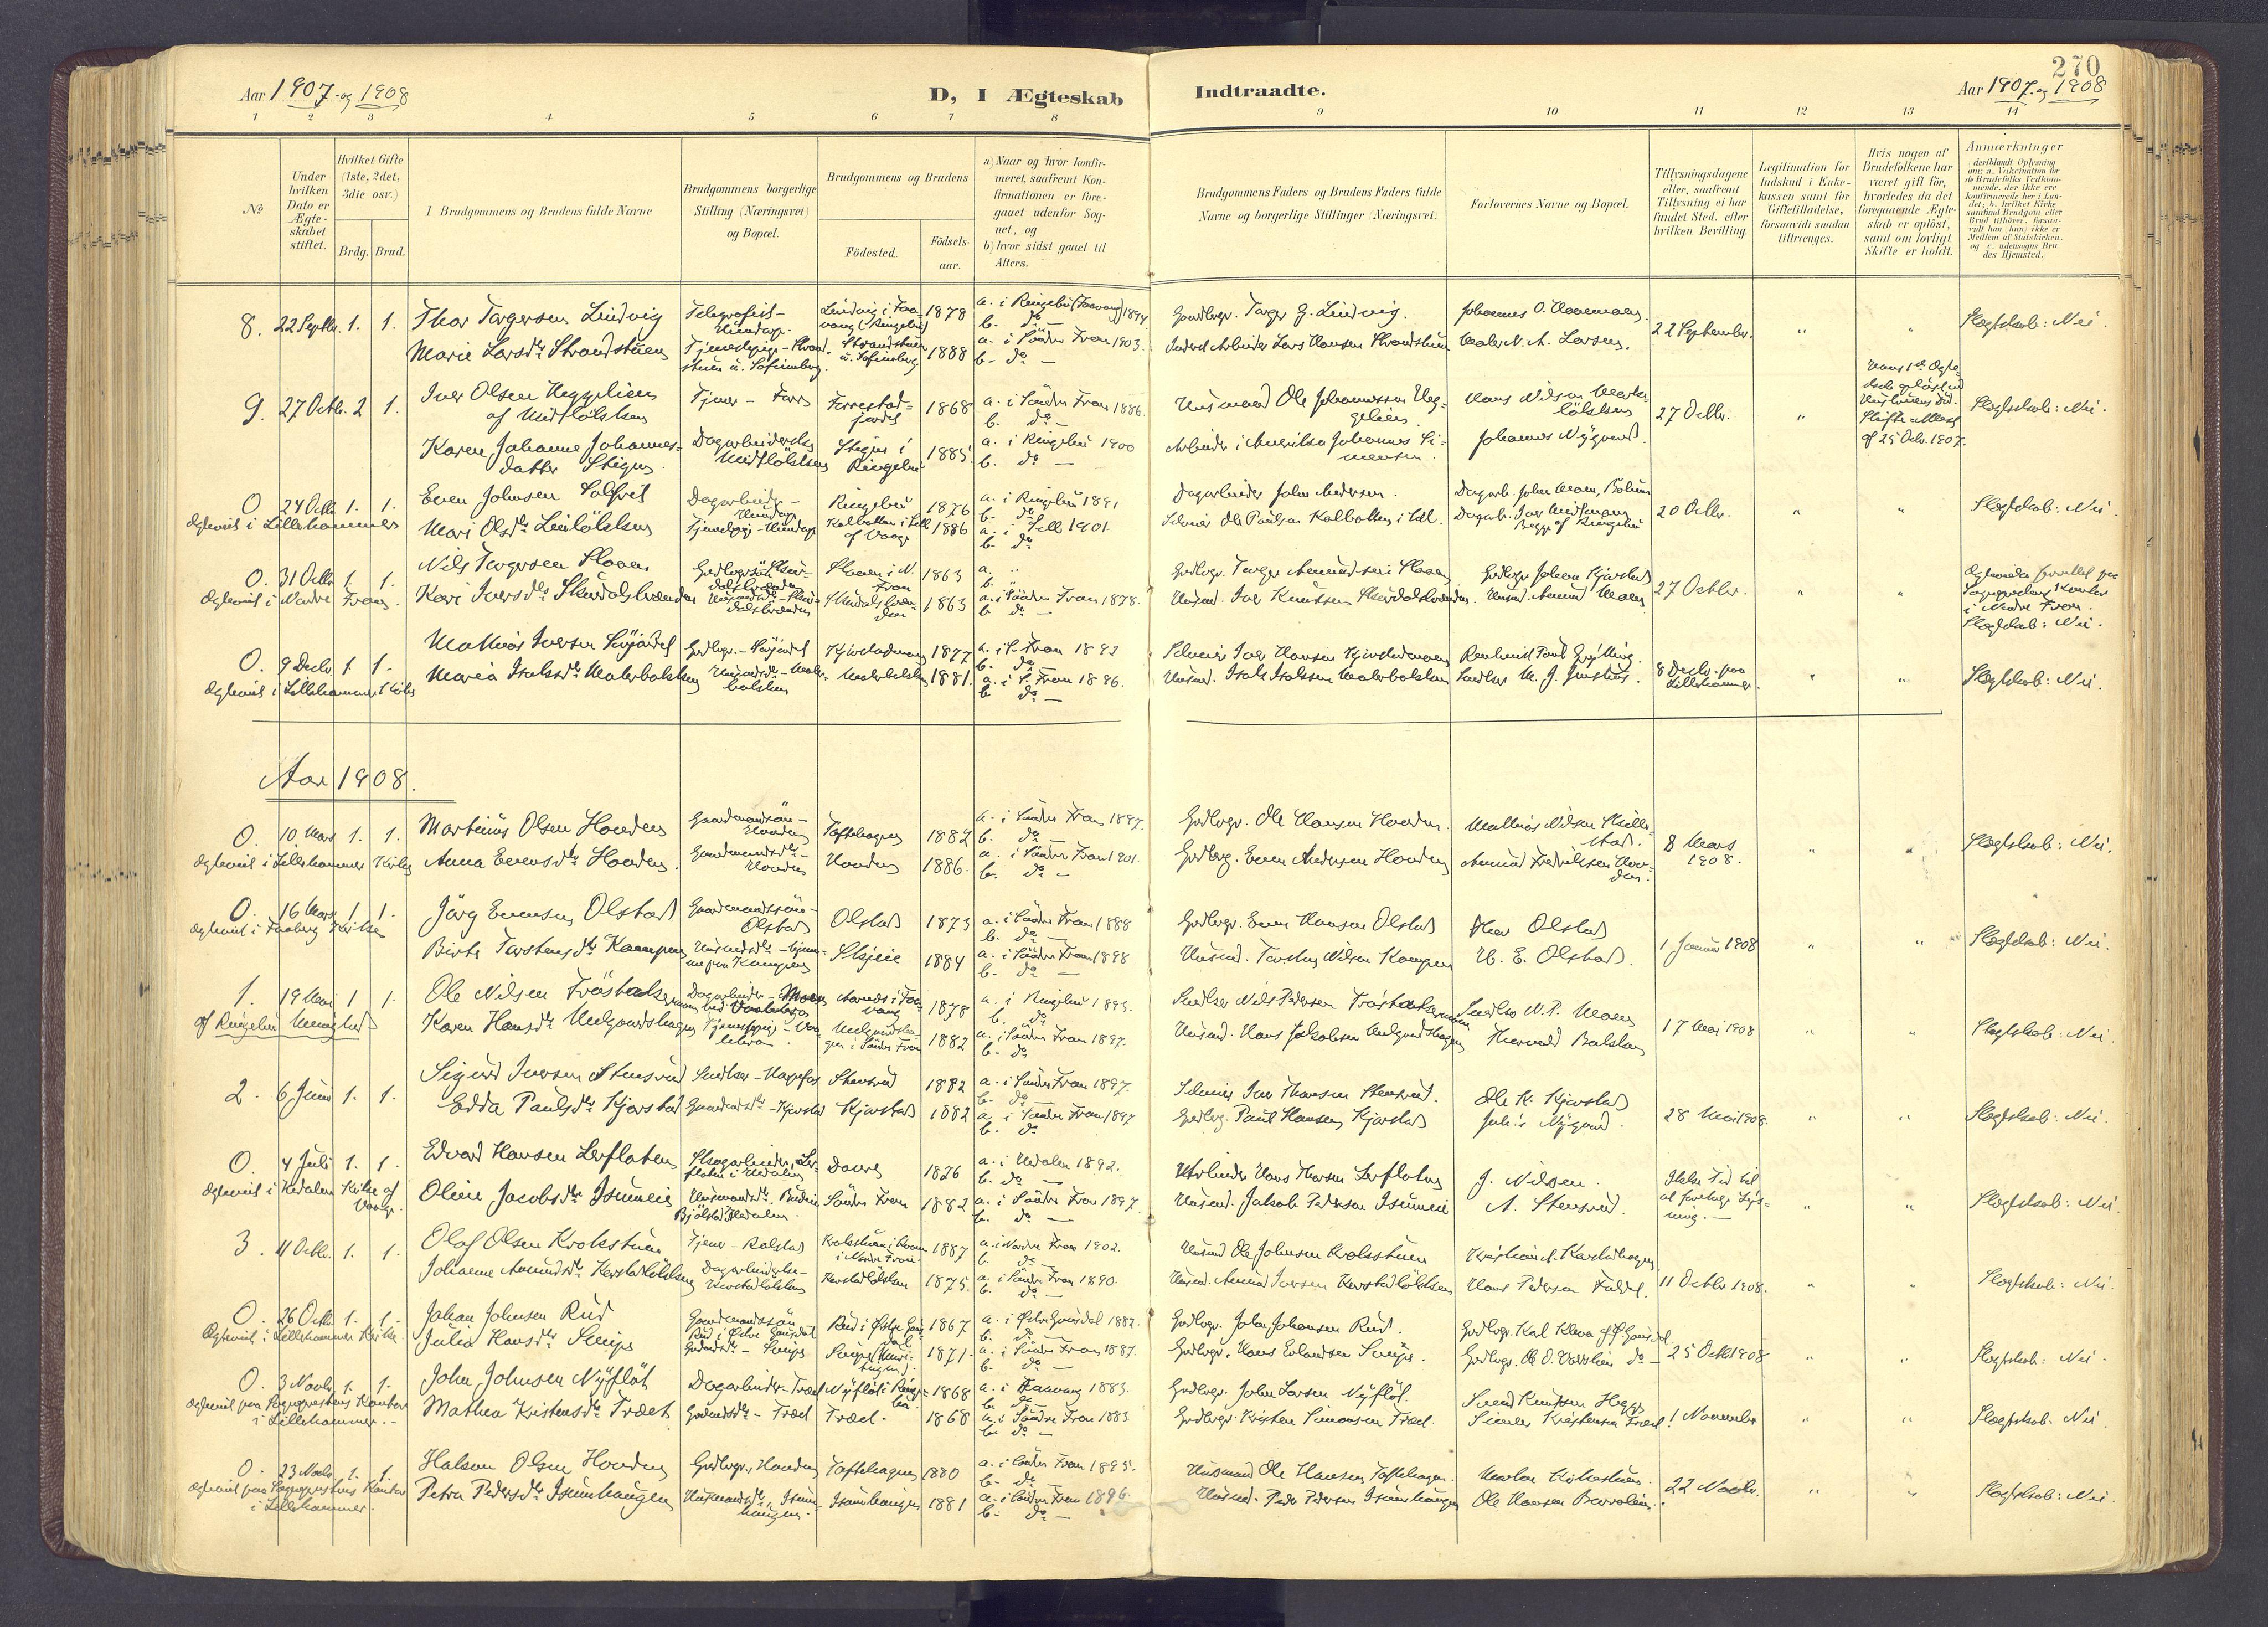 SAH, Sør-Fron prestekontor, H/Ha/Haa/L0004: Ministerialbok nr. 4, 1898-1919, s. 270